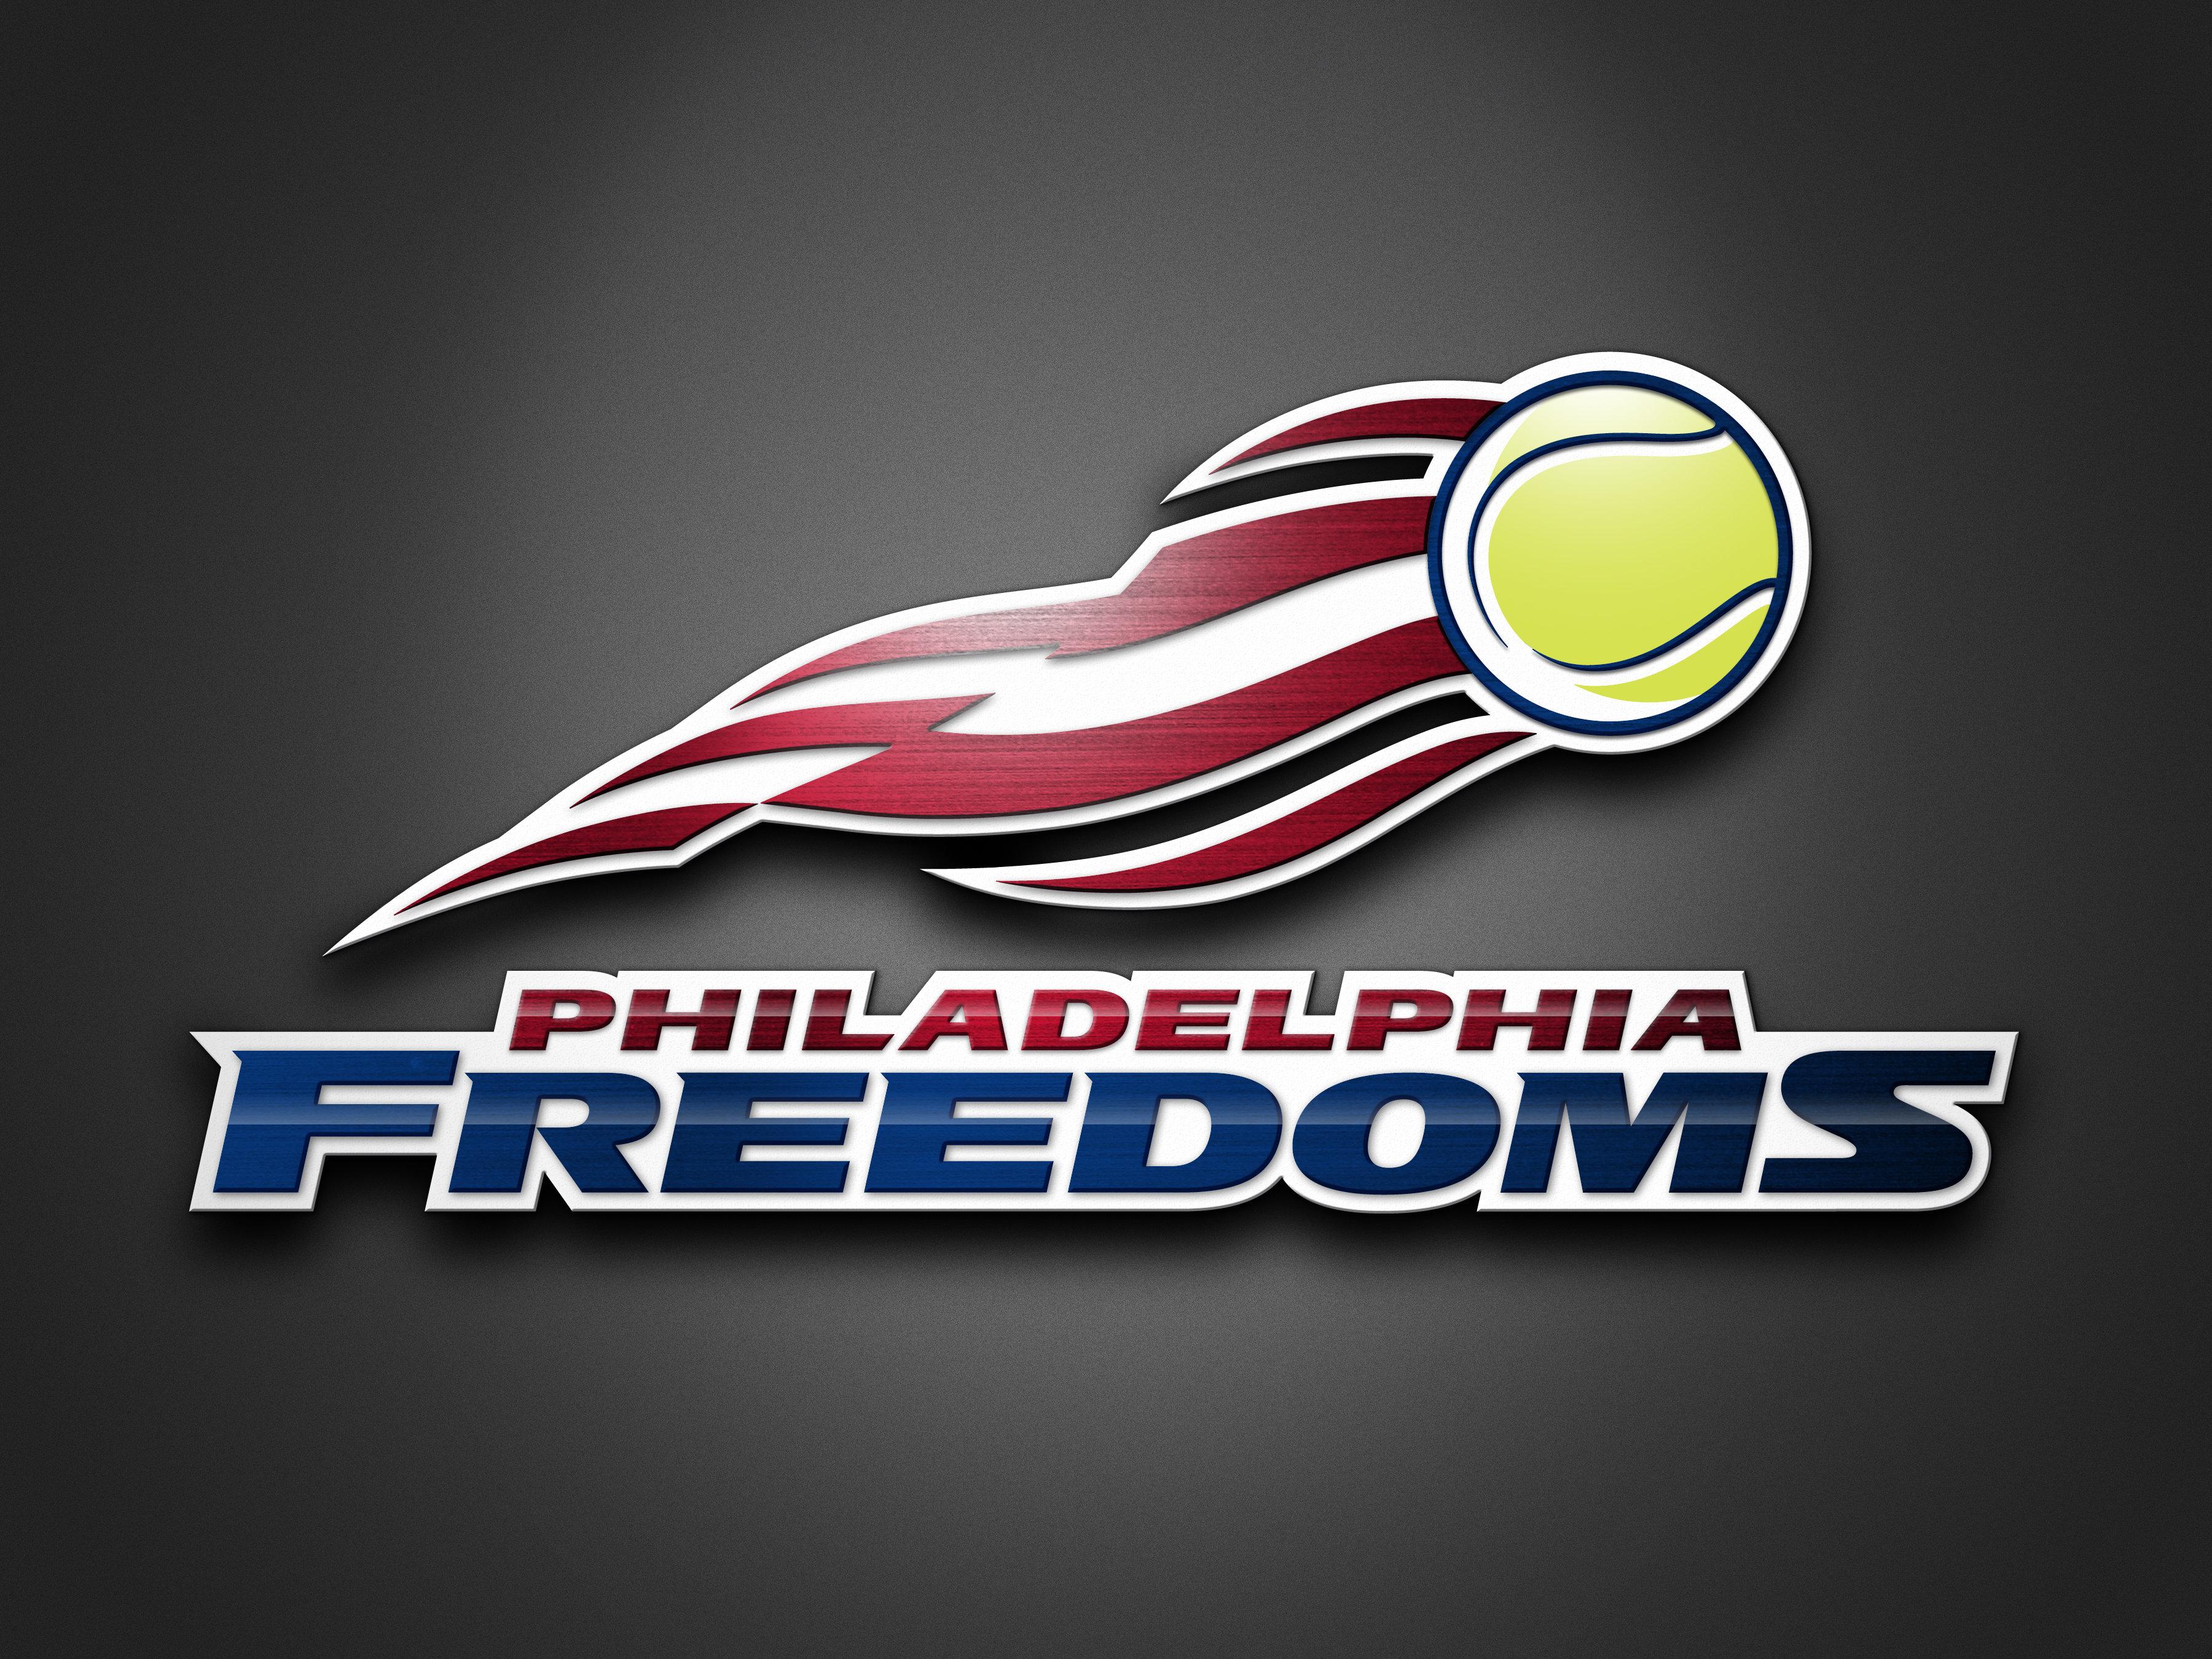 Philadelphia Freedoms E-News